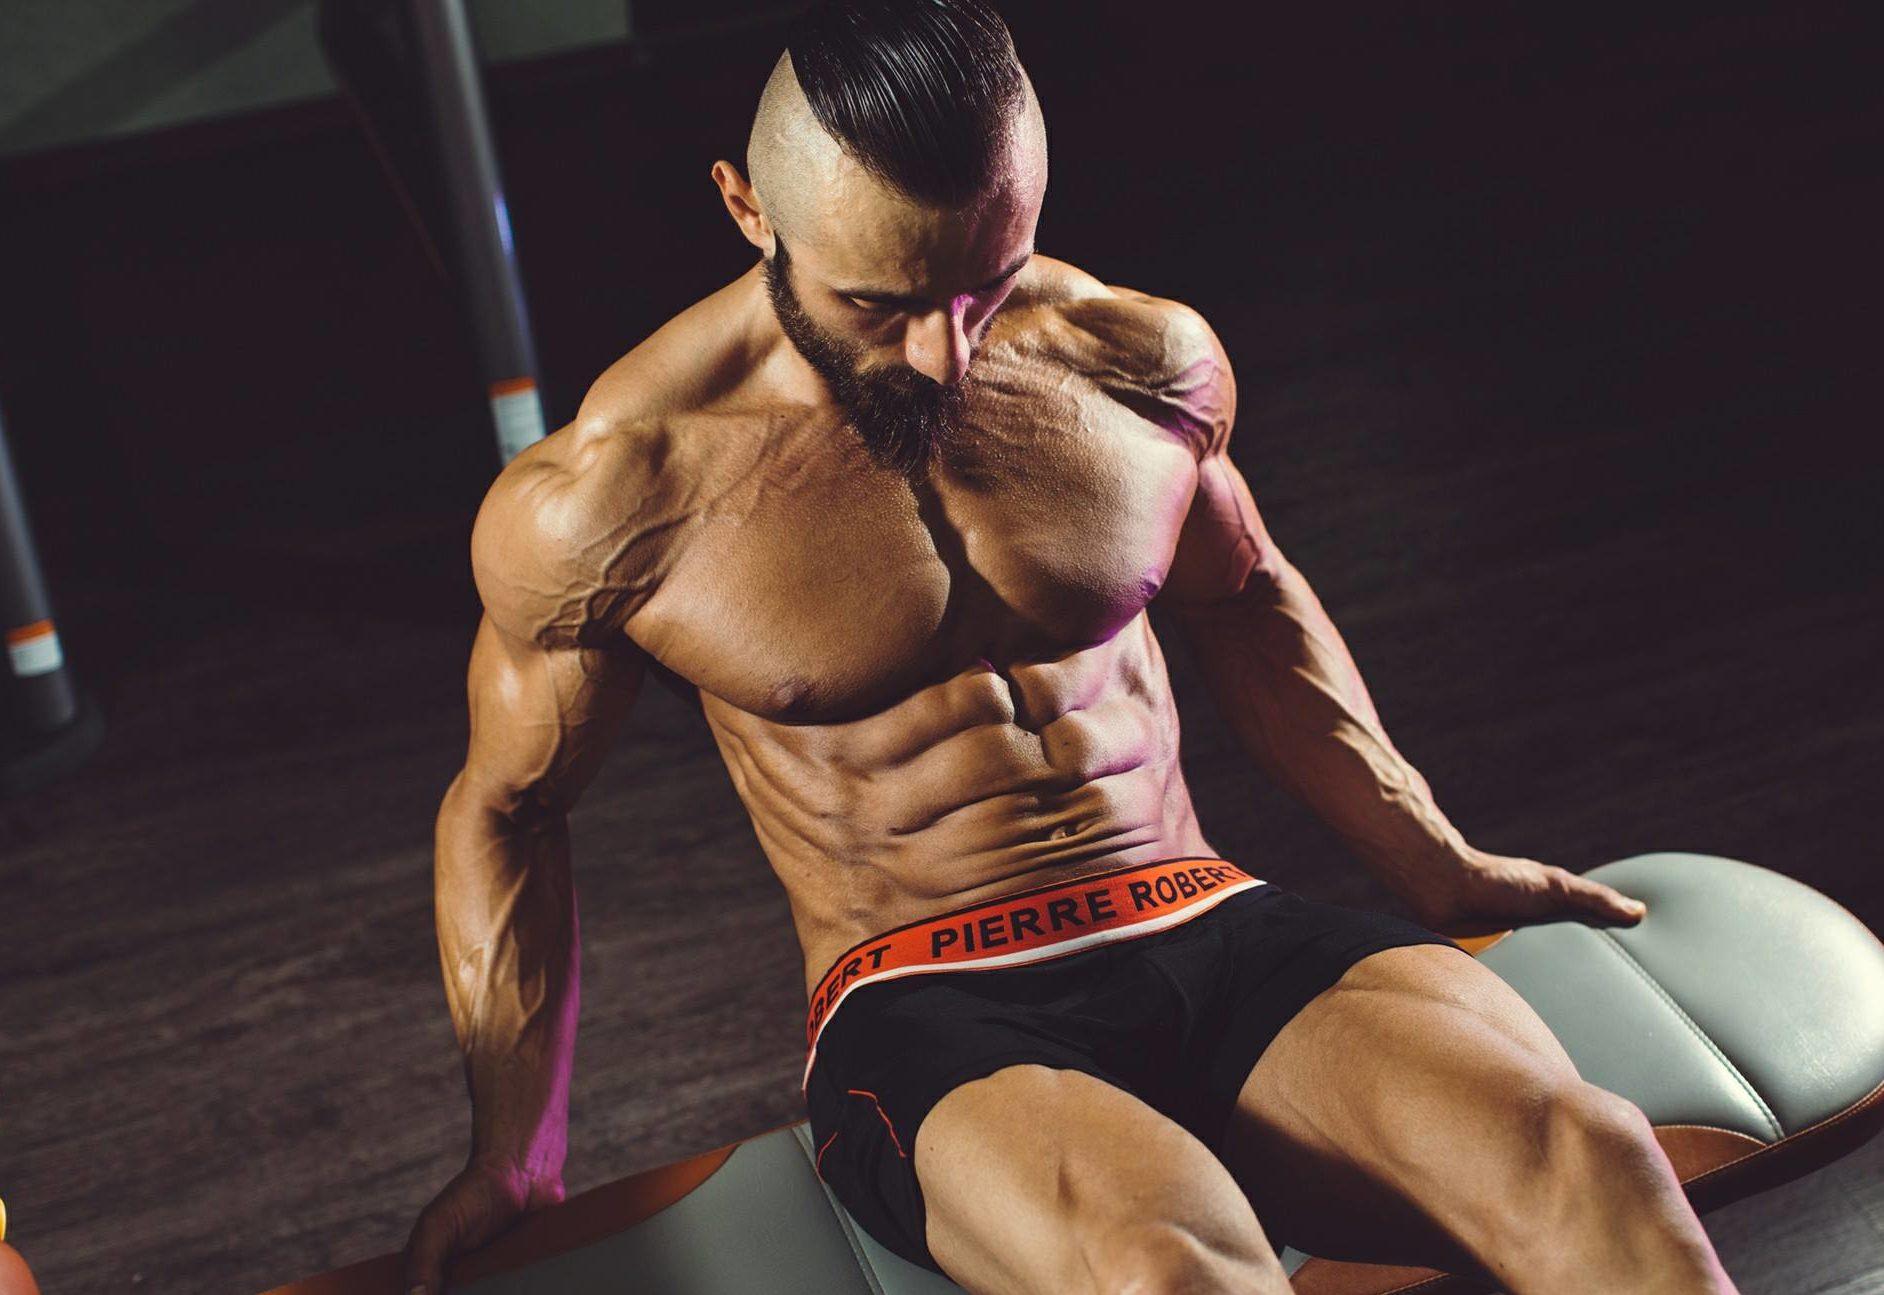 Kako do trbušnih mišića i koje su najbolje vježbe za trbušnjake finjak portal trbušnjaci savršeno tijelo slaven vico izgled super trbušnjaci